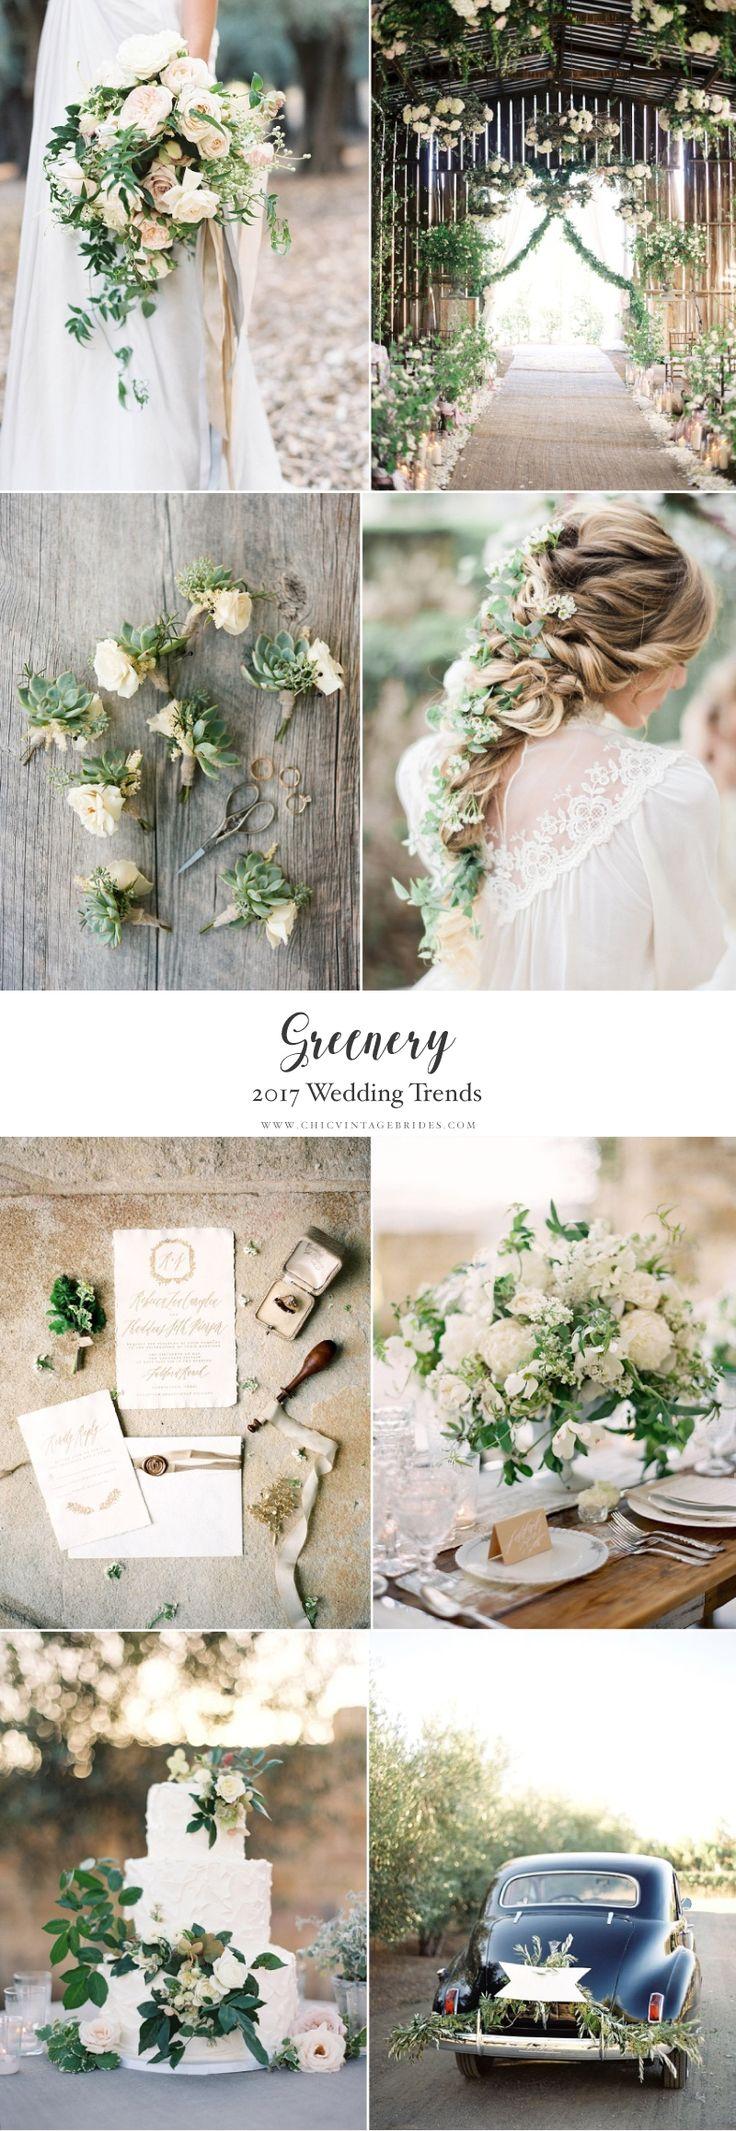 Top Wedding Trends 2017 - Greenery